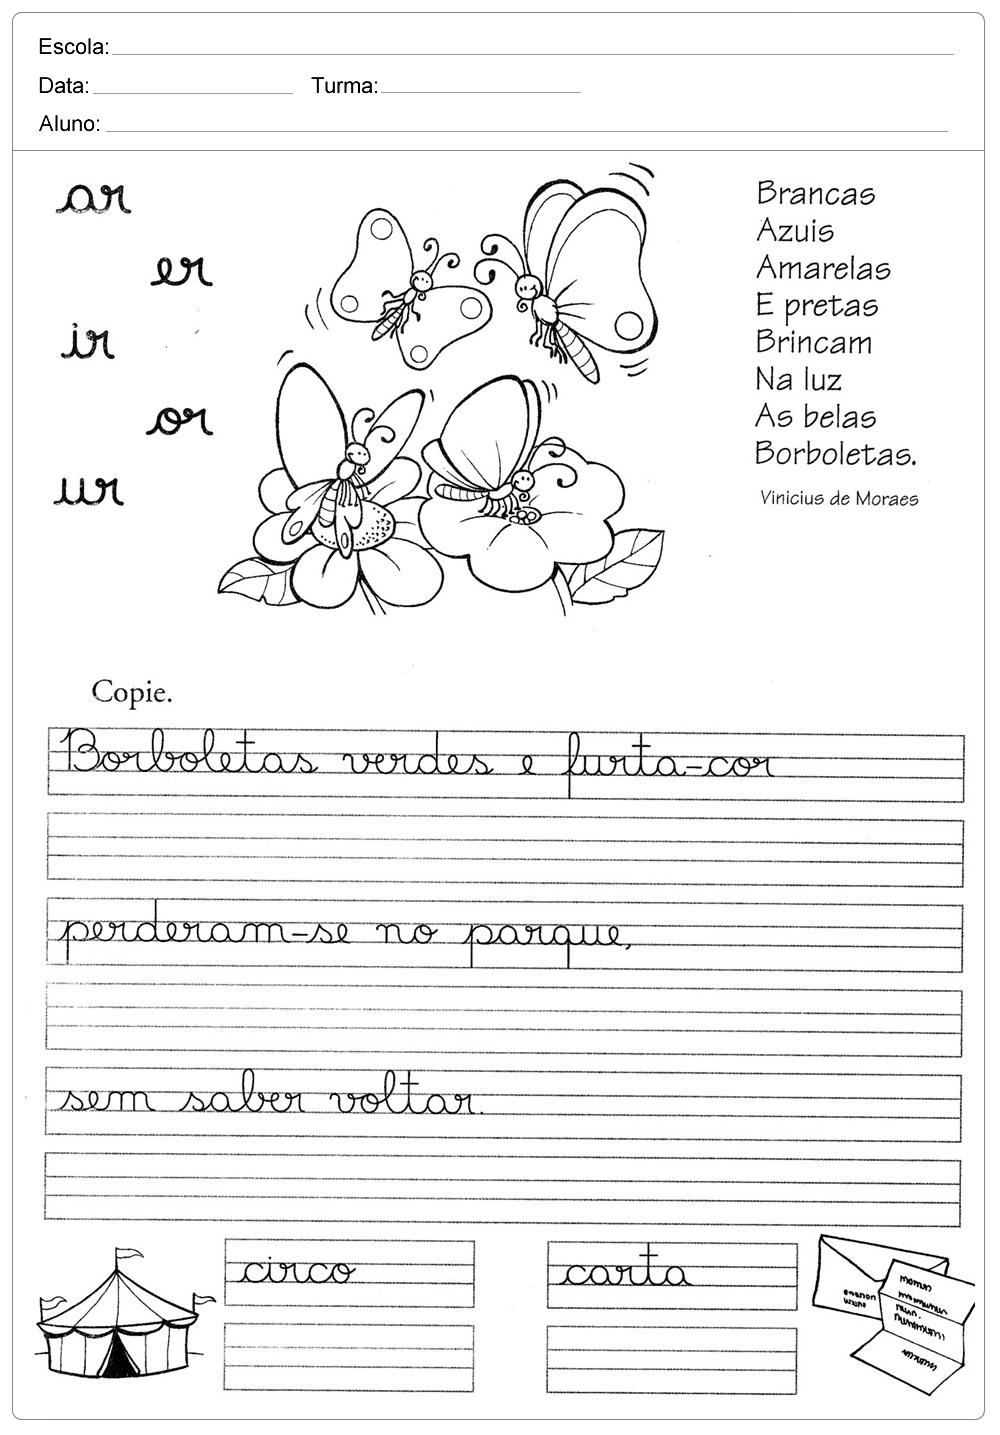 atividade-de-caligrafia-ar-er-ir-or-ur